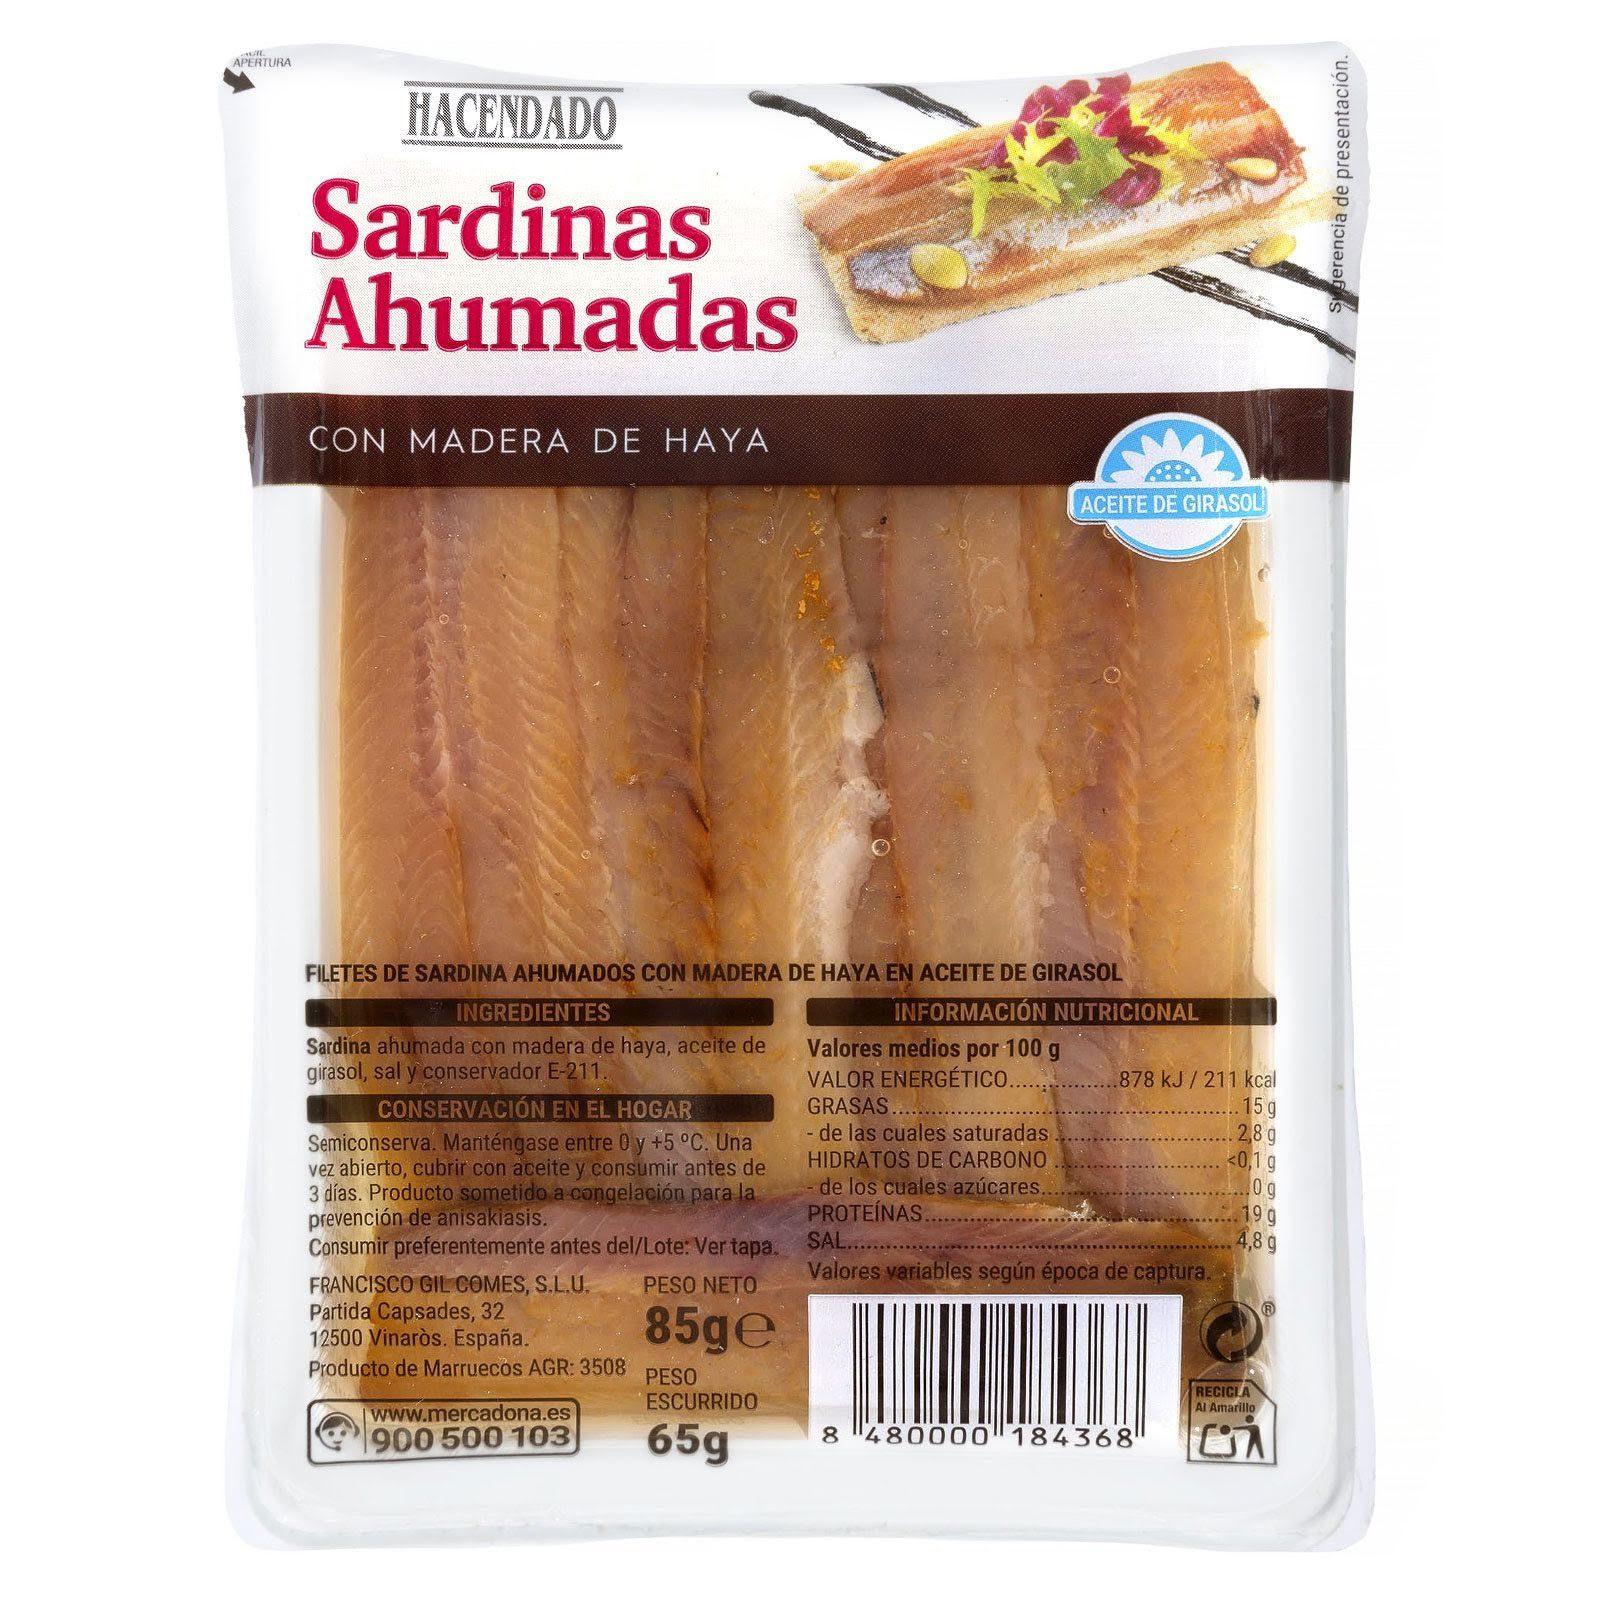 sardinas-ahumadas-con-madera-de-haya-hacendado-mercadona-1-9718712